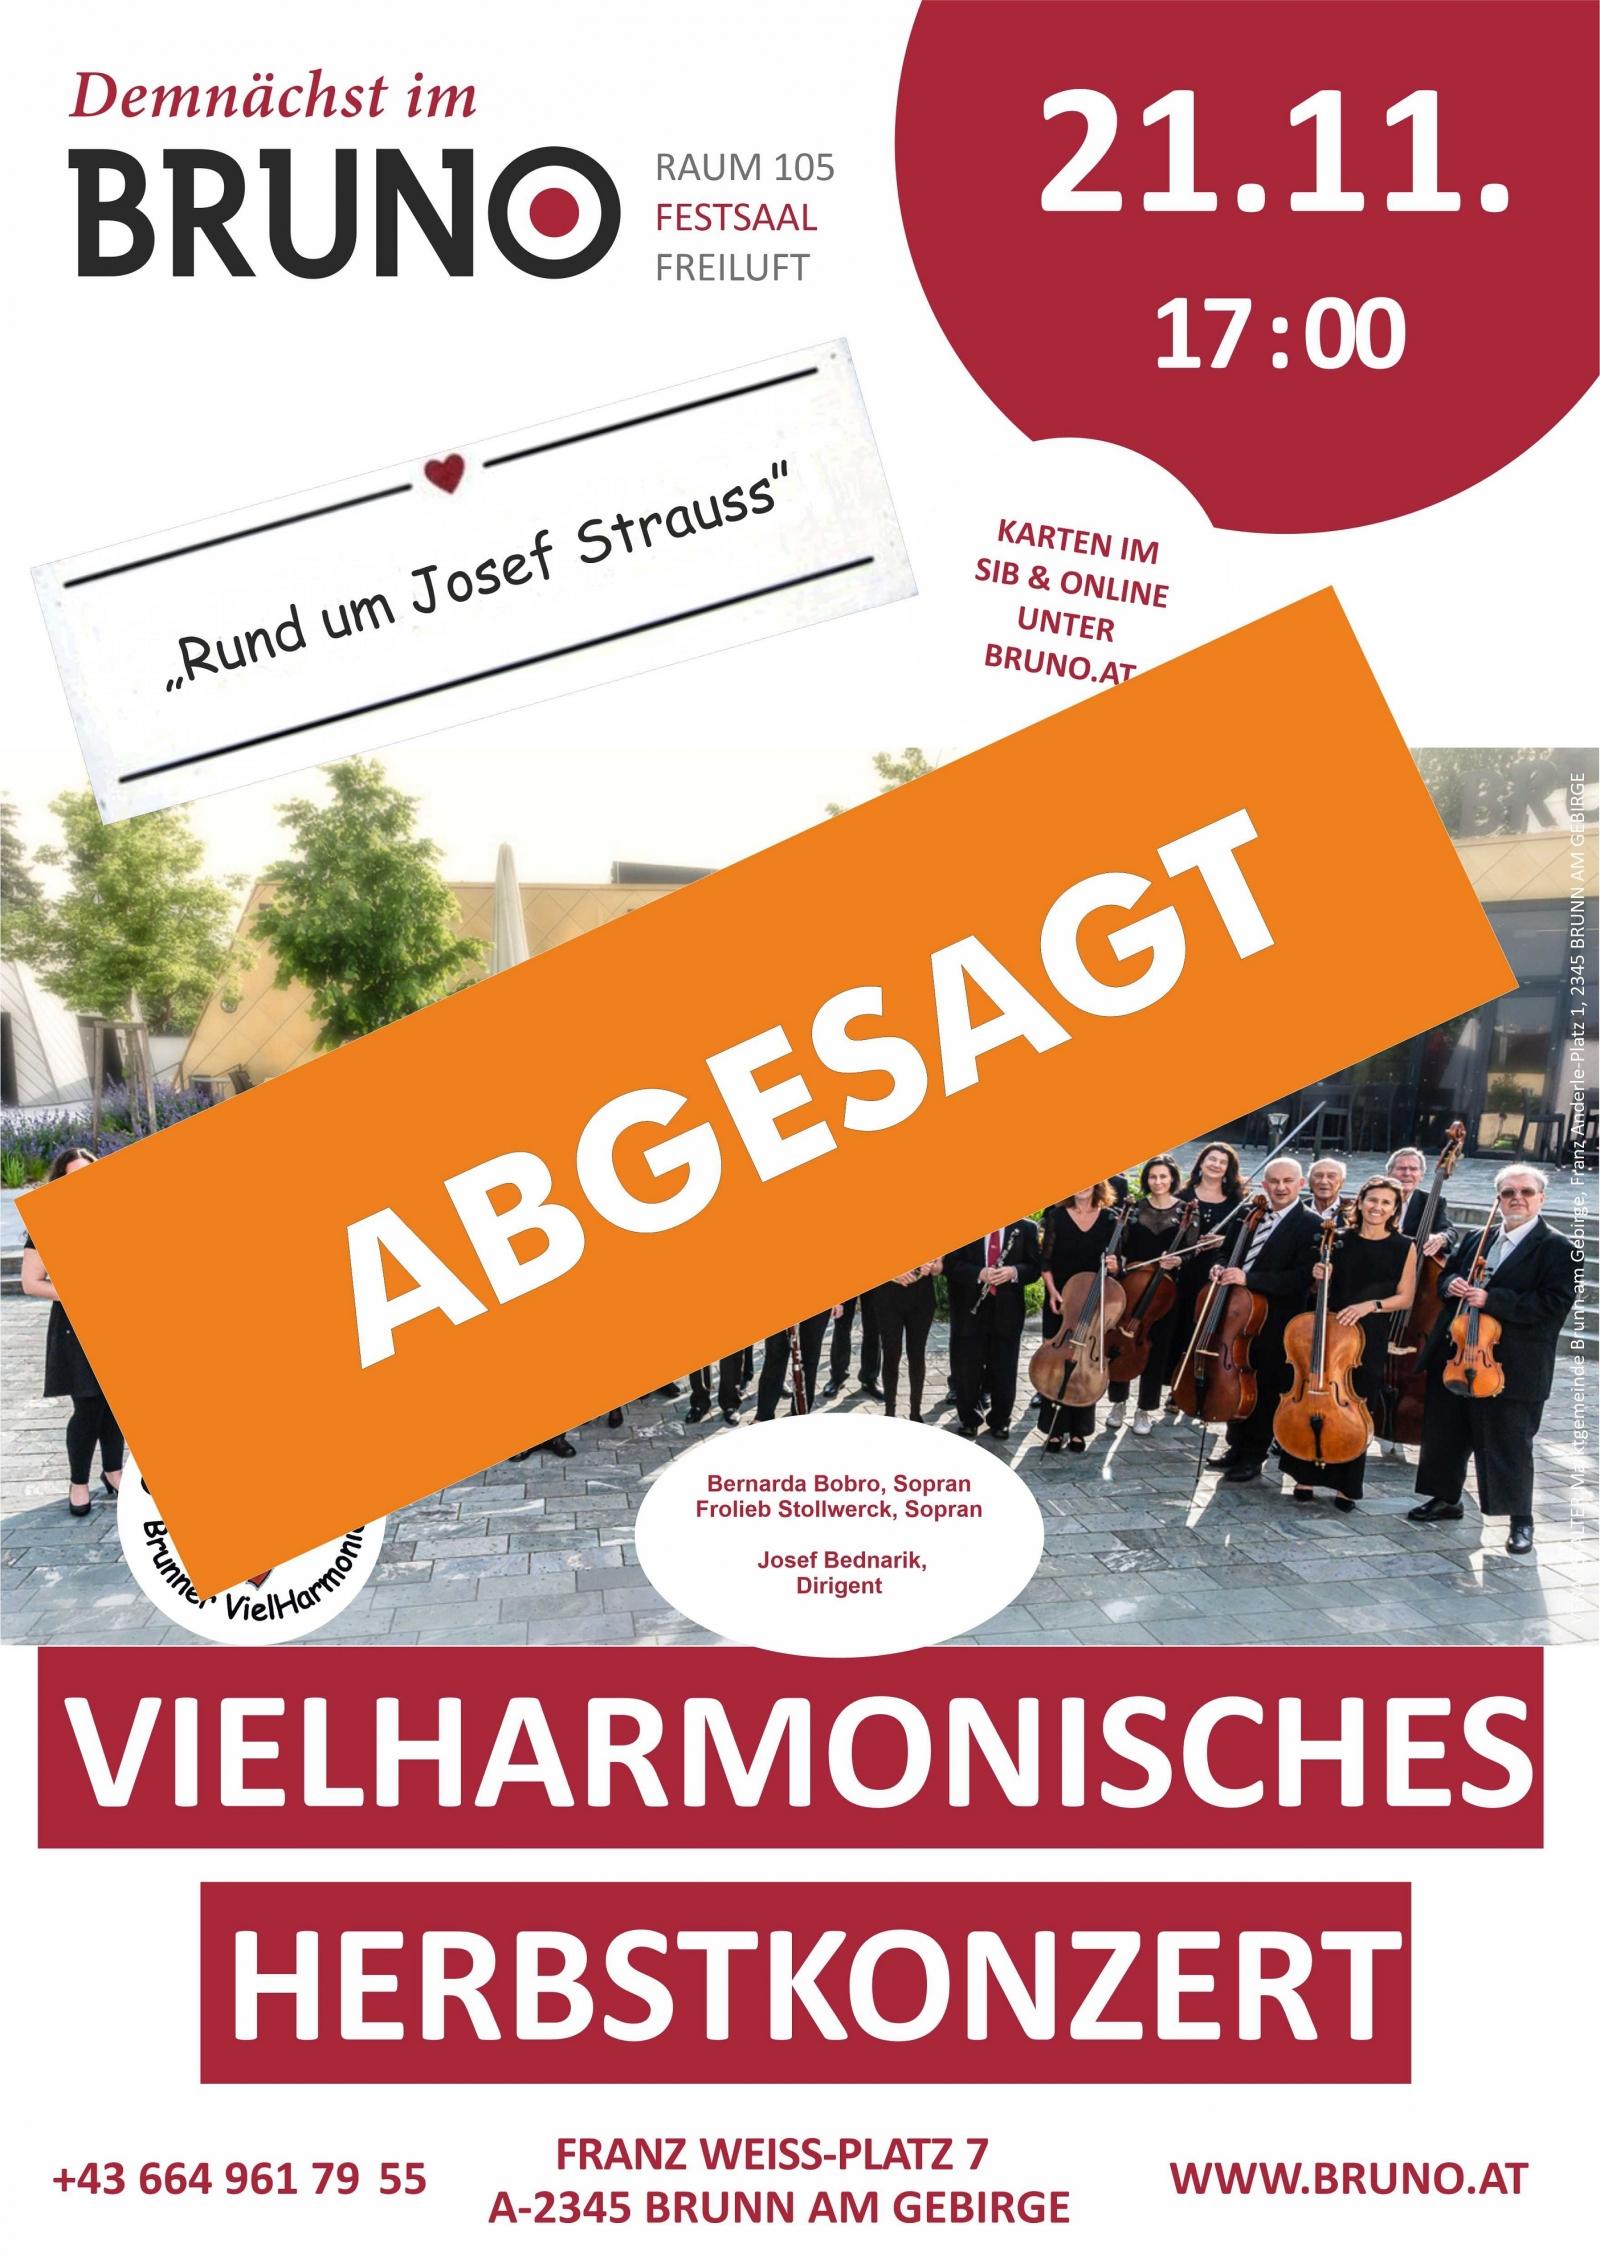 Vielharmonisches Herbstkonzert